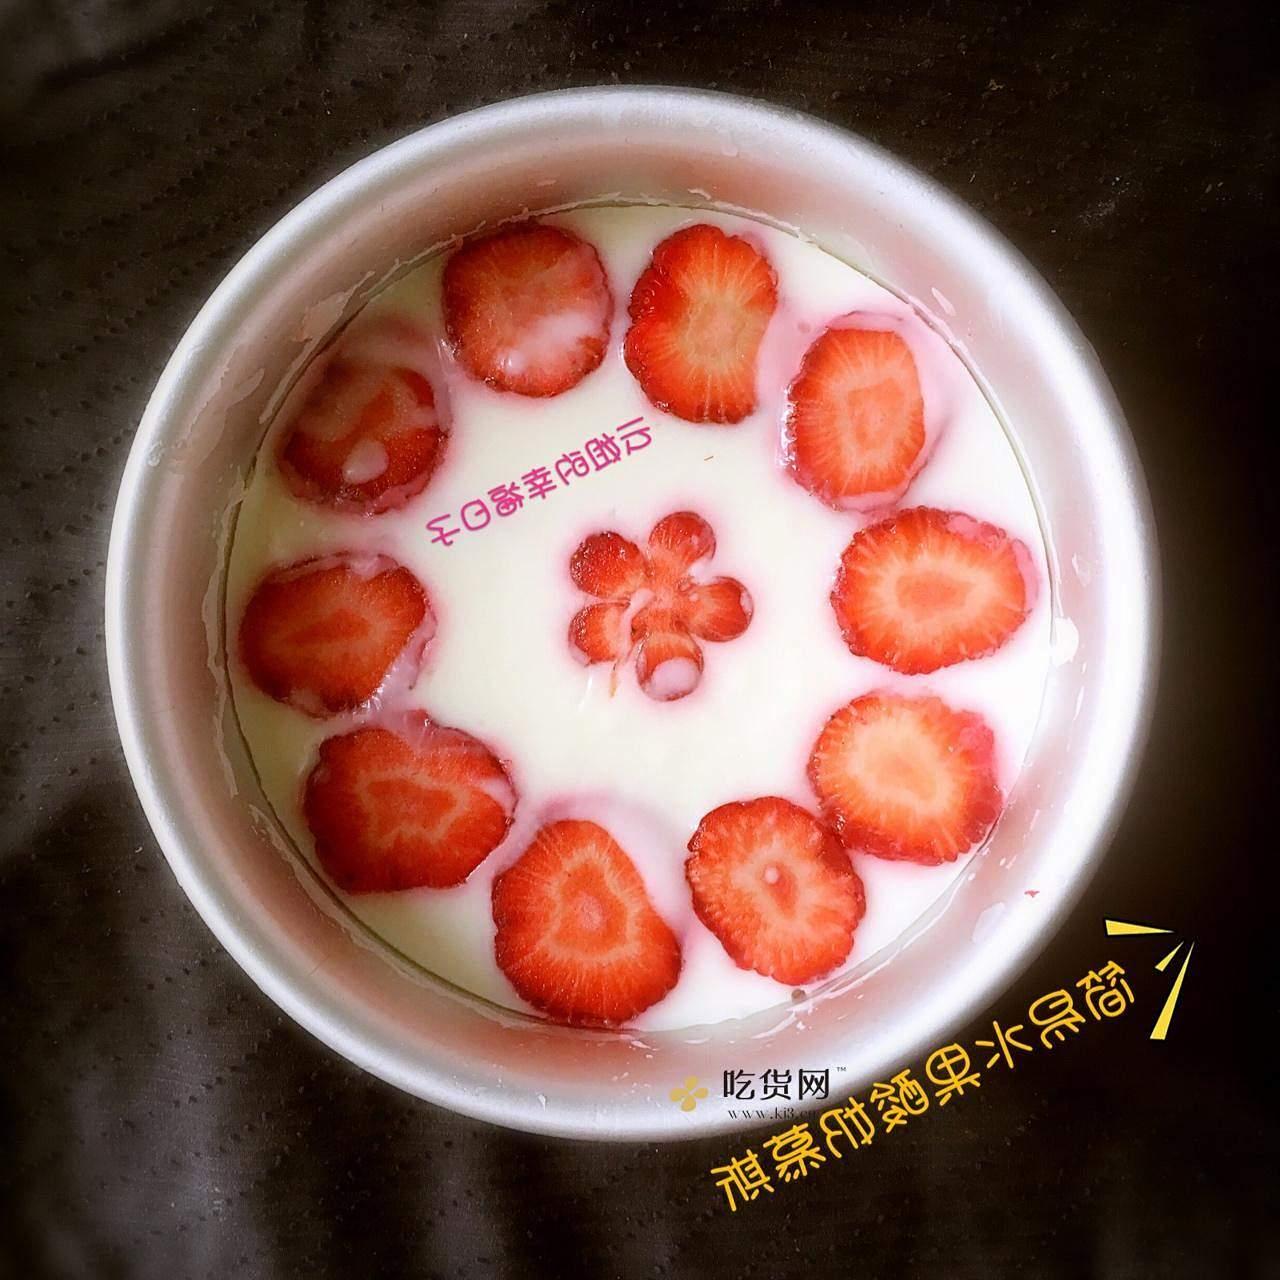 简易水果酸奶慕斯(零负担)的做法 步骤19